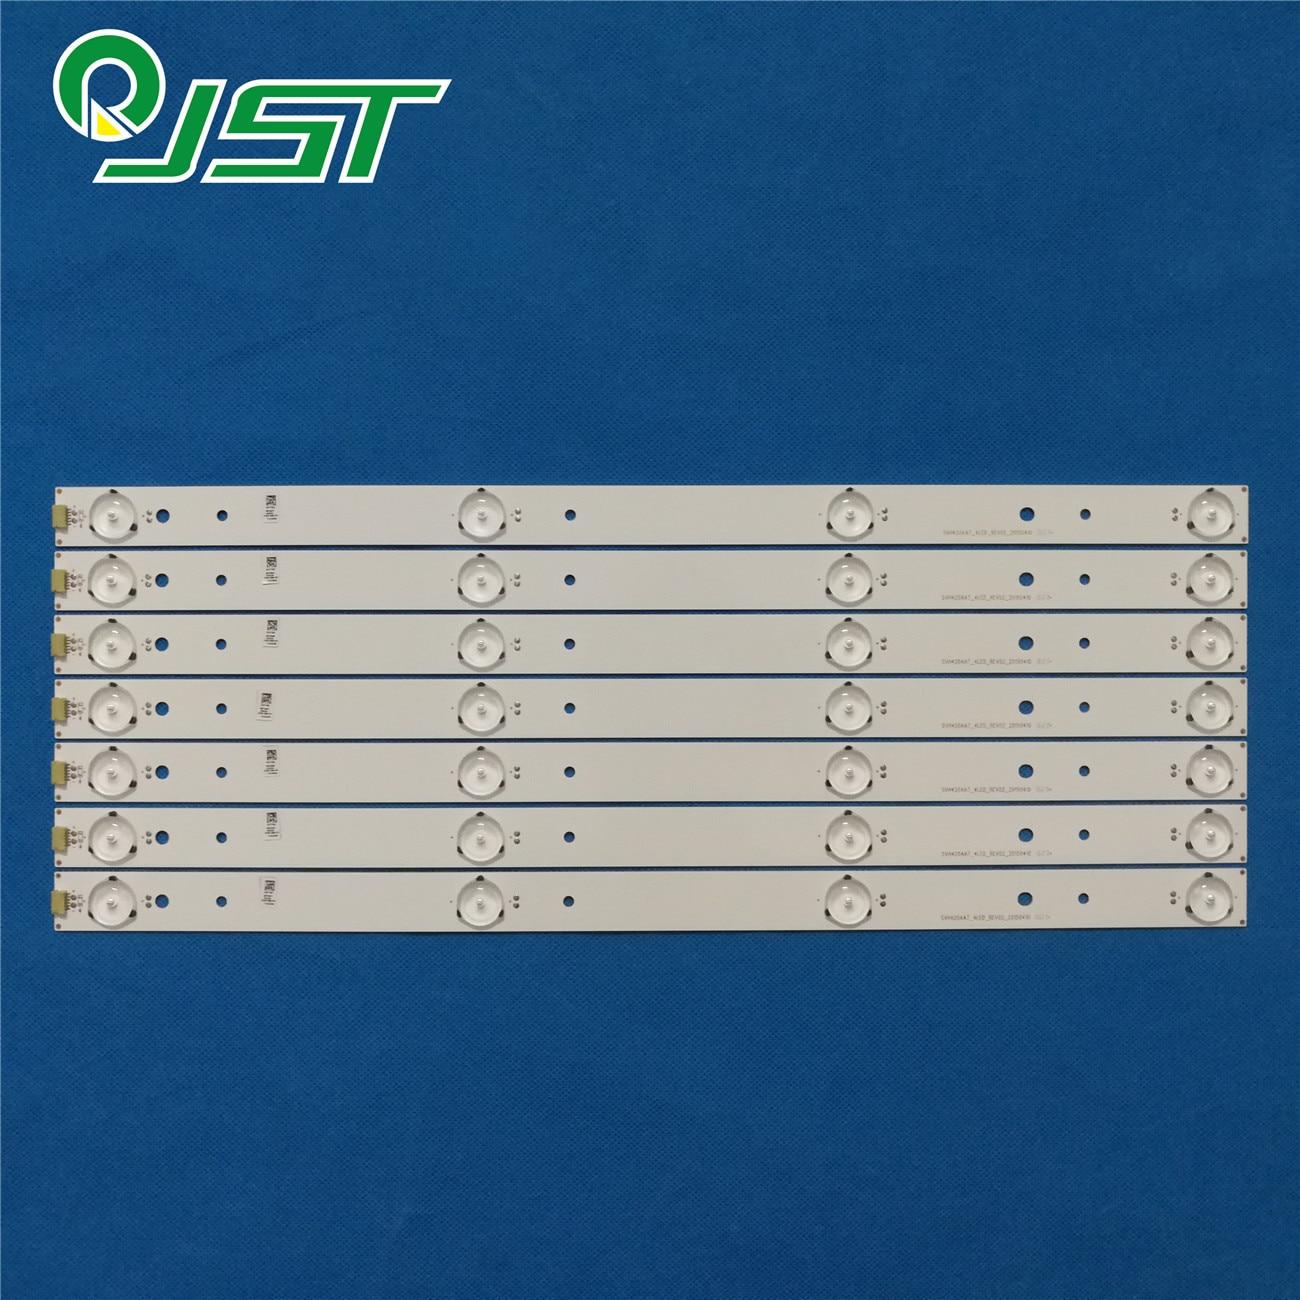 Светодиодные ленты для SHA RP 43 TV LC 43N4000U LC 43N6100U LC 43N610CU HD426DF B51 SVH420AA7 4LED REV00 REV02, новинка 100%, 7 шт./комплект